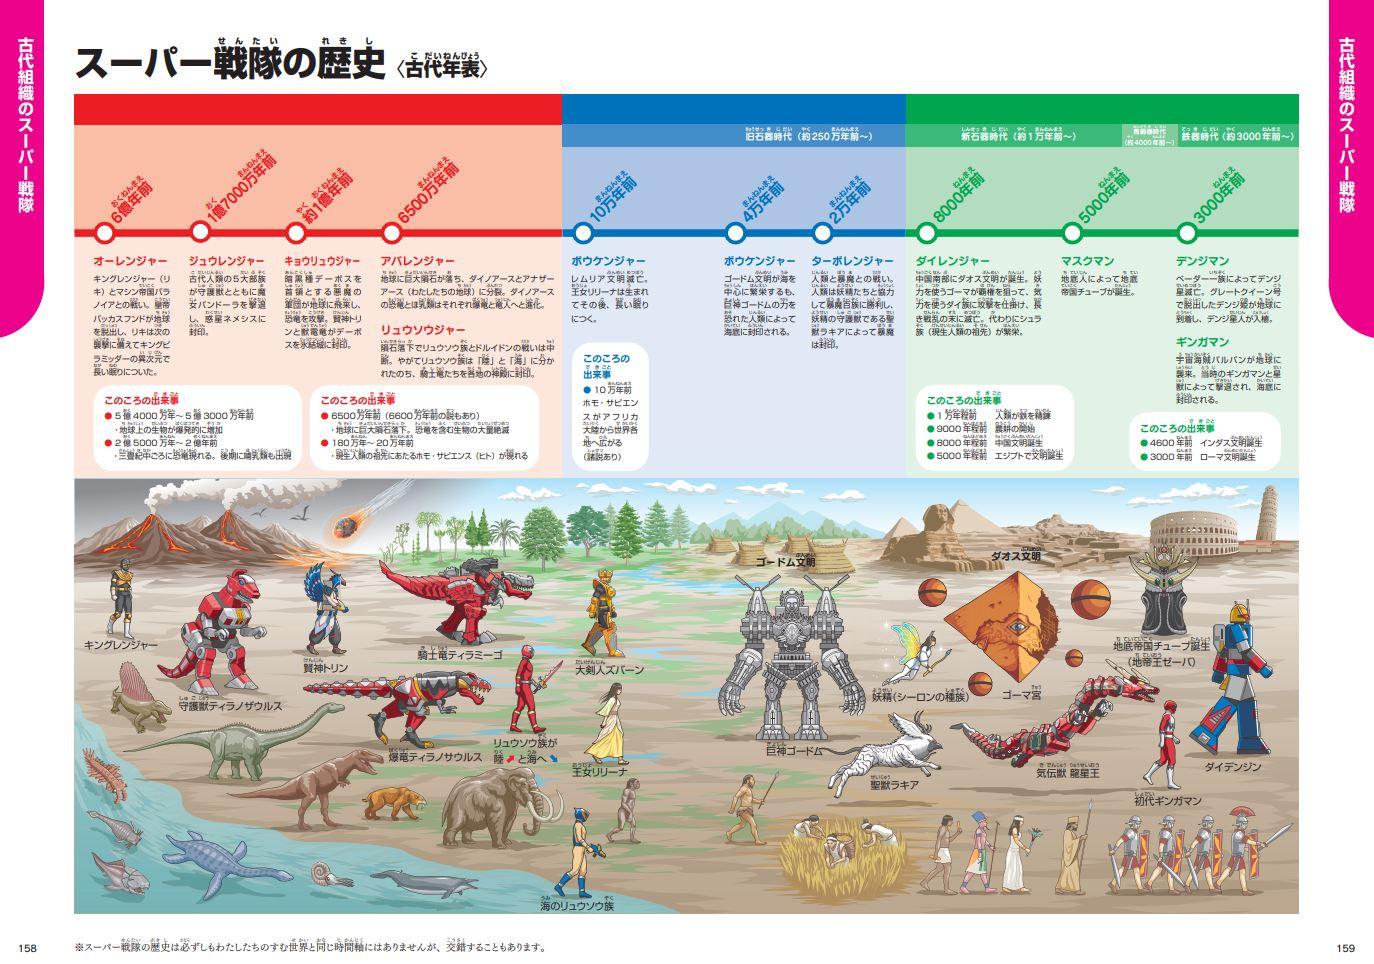 「スーパー戦隊の歴史と実際の人類史がクロスオーバーした古代年表」紙面